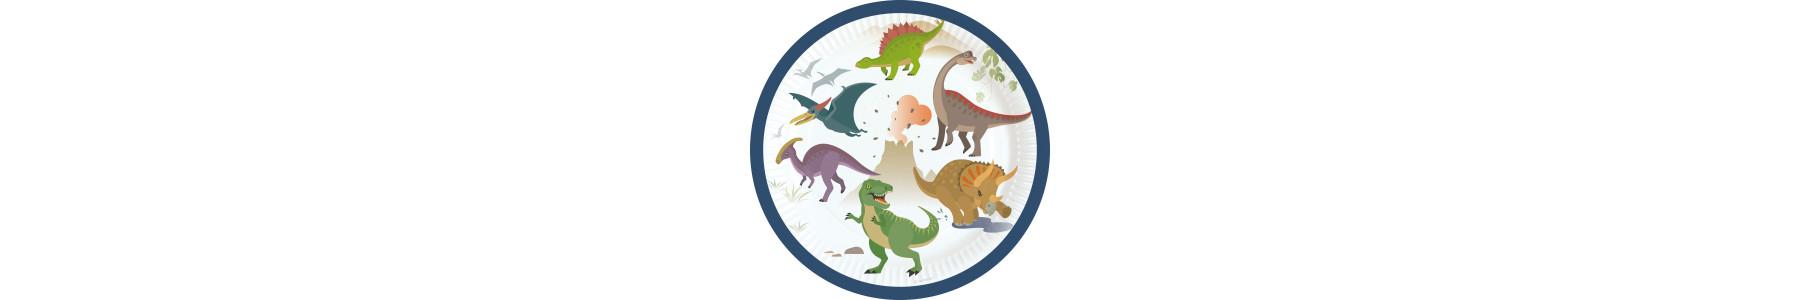 Articole party dinozaur party